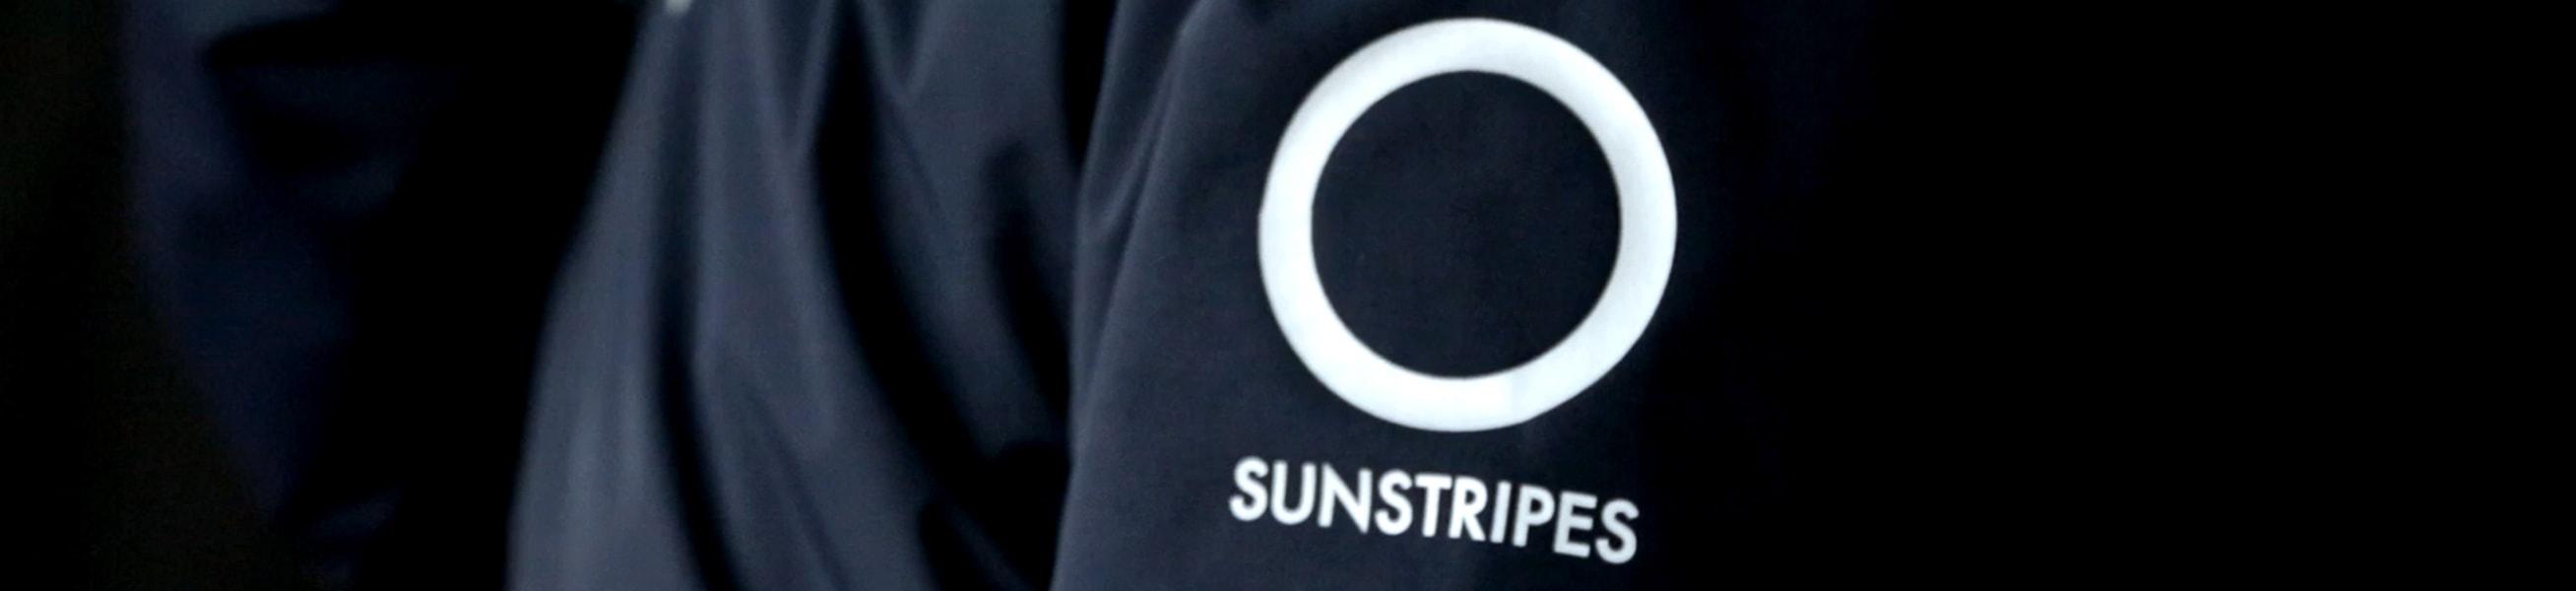 Sunstripes Herrenbekleidung